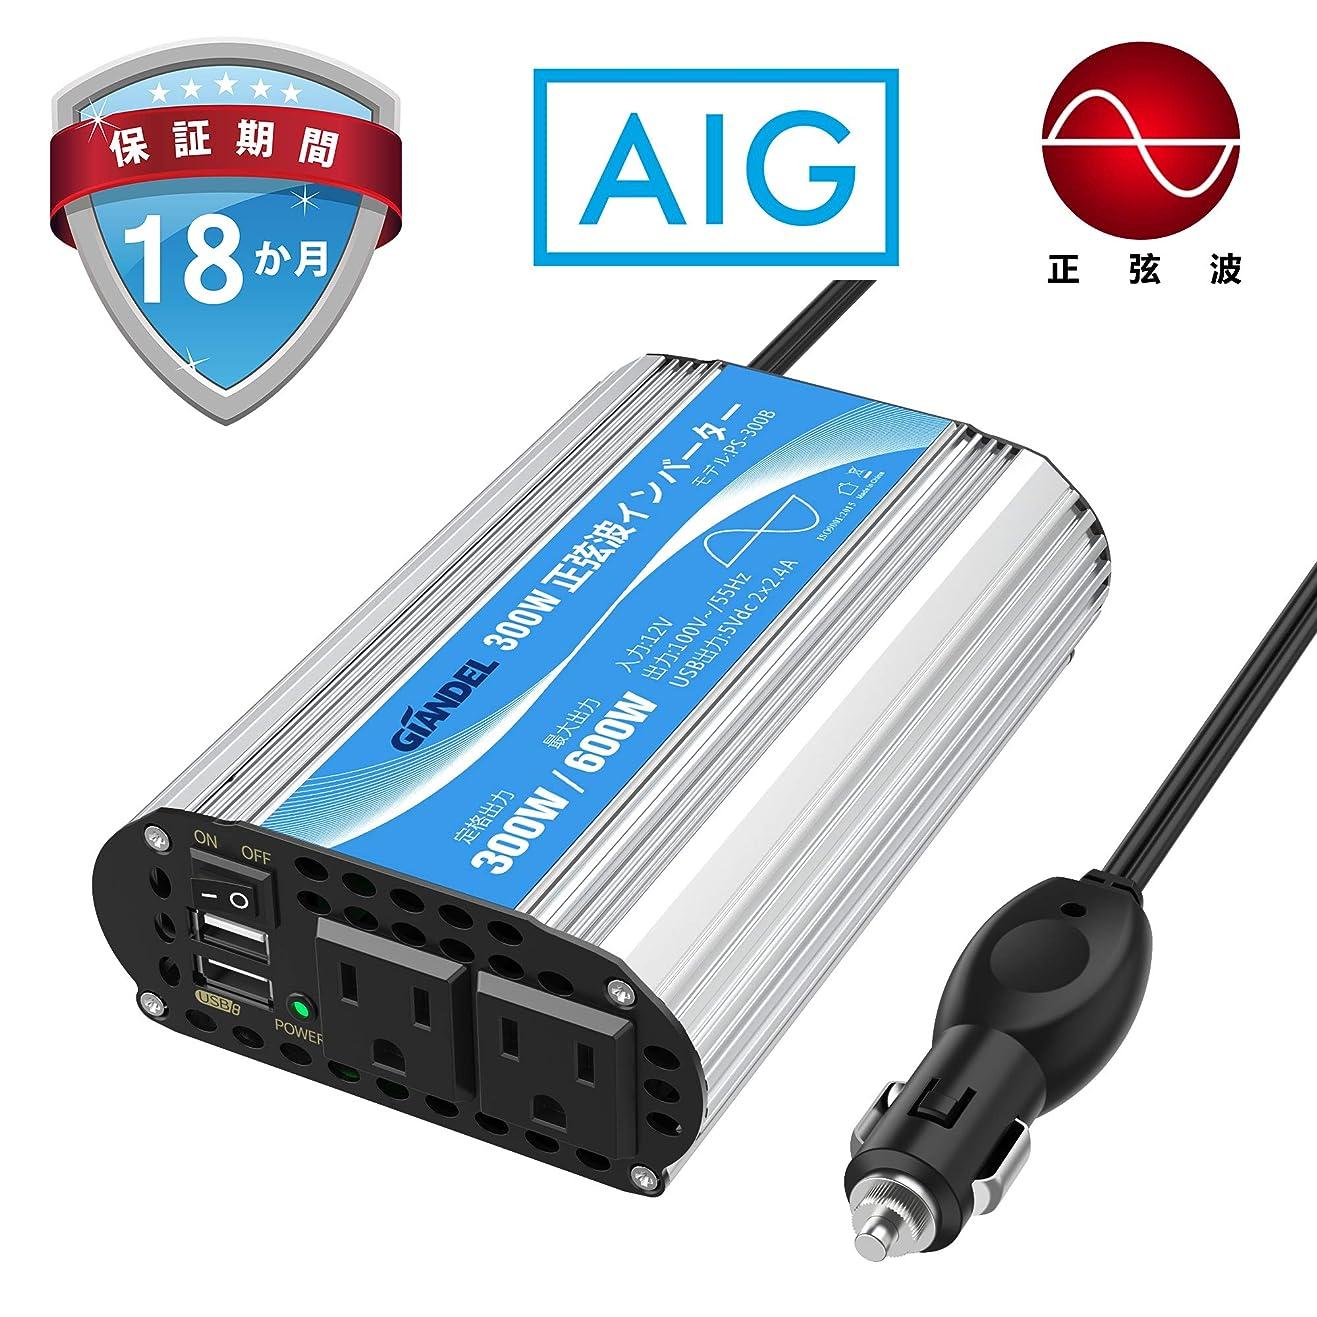 かりてラッドヤードキップリングブラウス正弦波 300Wカーインバーター 車載充電器 変換電源 DC12VをAC100Vに変換 周波数55Hz USBポートつき シガーソケット 非常用品 防災用品 GIANDEL